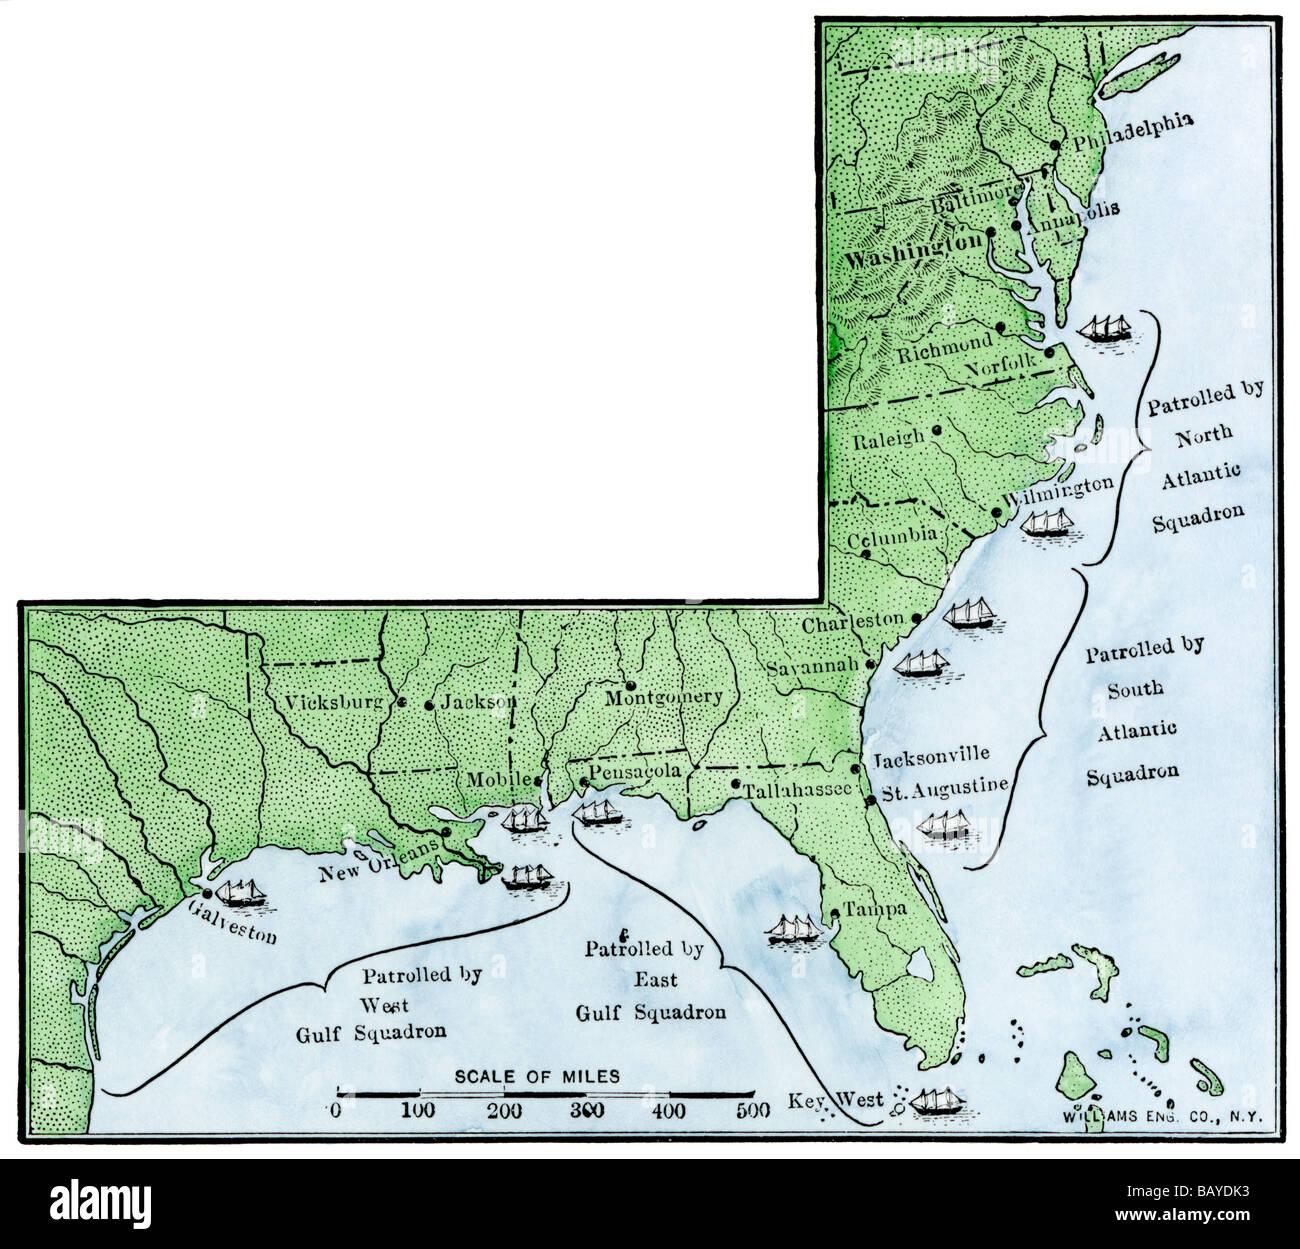 Us Civil War Stock Photos Us Civil War Stock Images Alamy - Us-map-civil-war-era